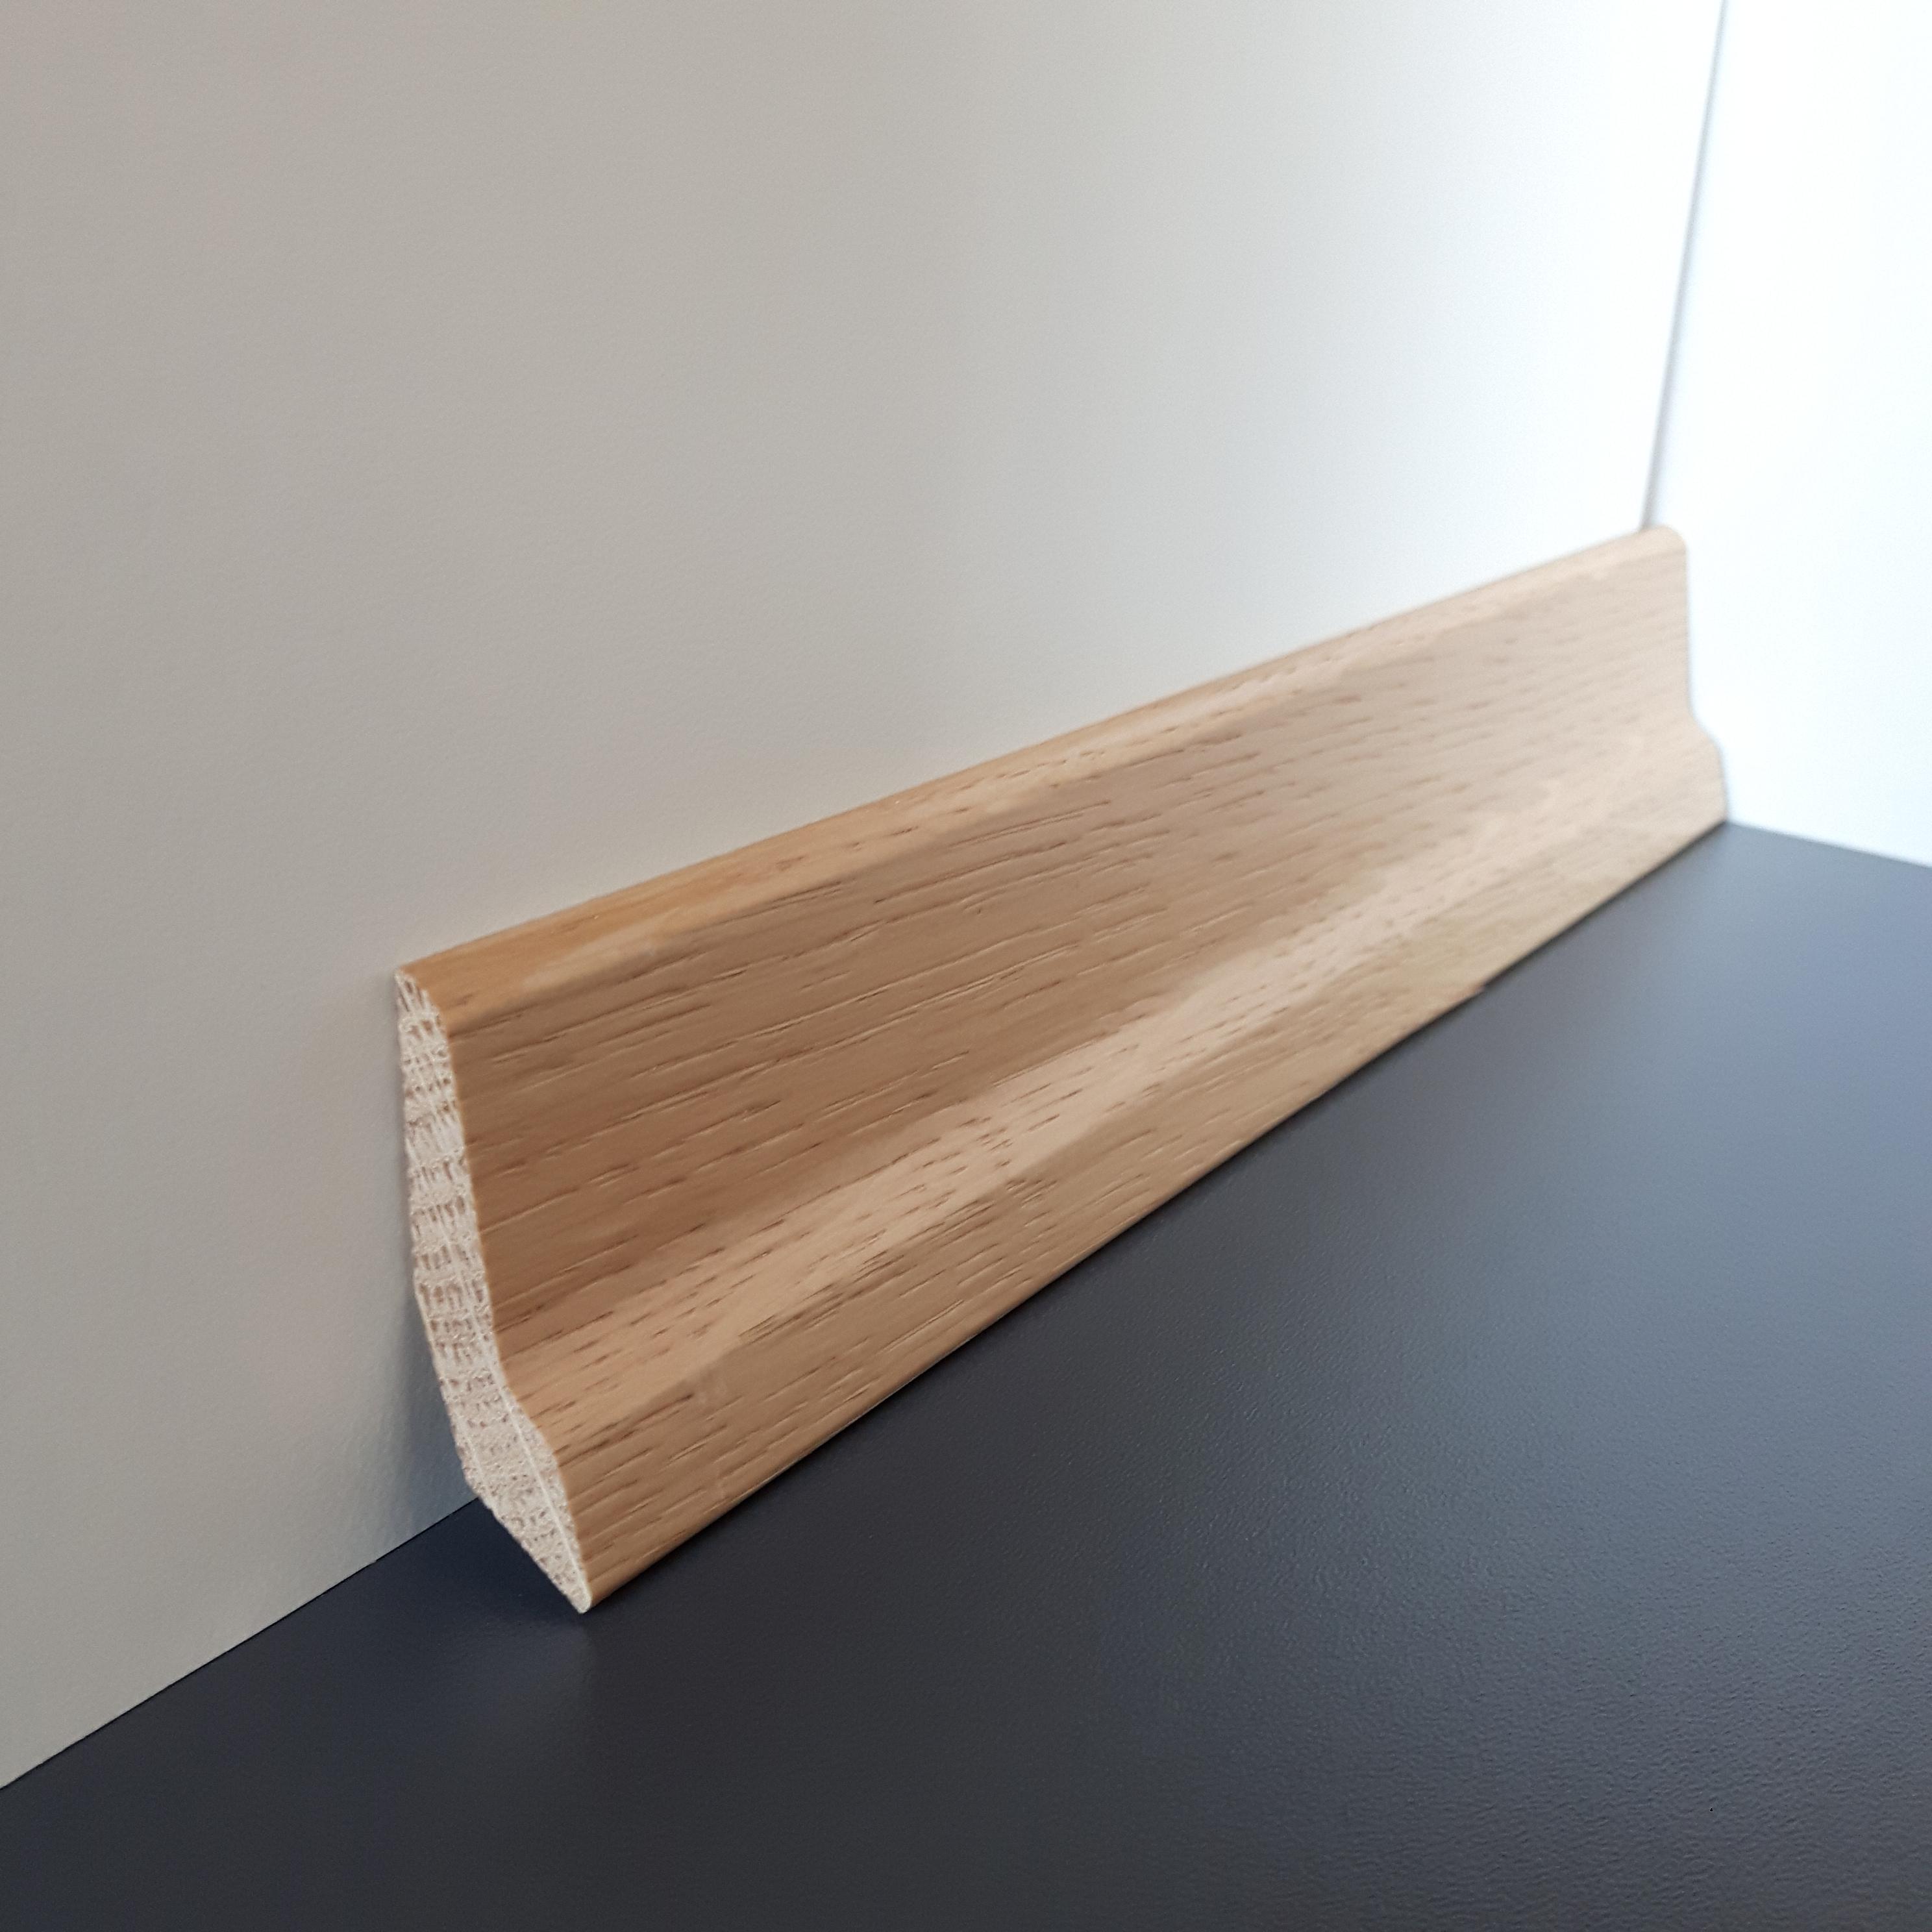 50m bund sockelleiste massiv eiche lackiert 46mm schn ppchen. Black Bedroom Furniture Sets. Home Design Ideas